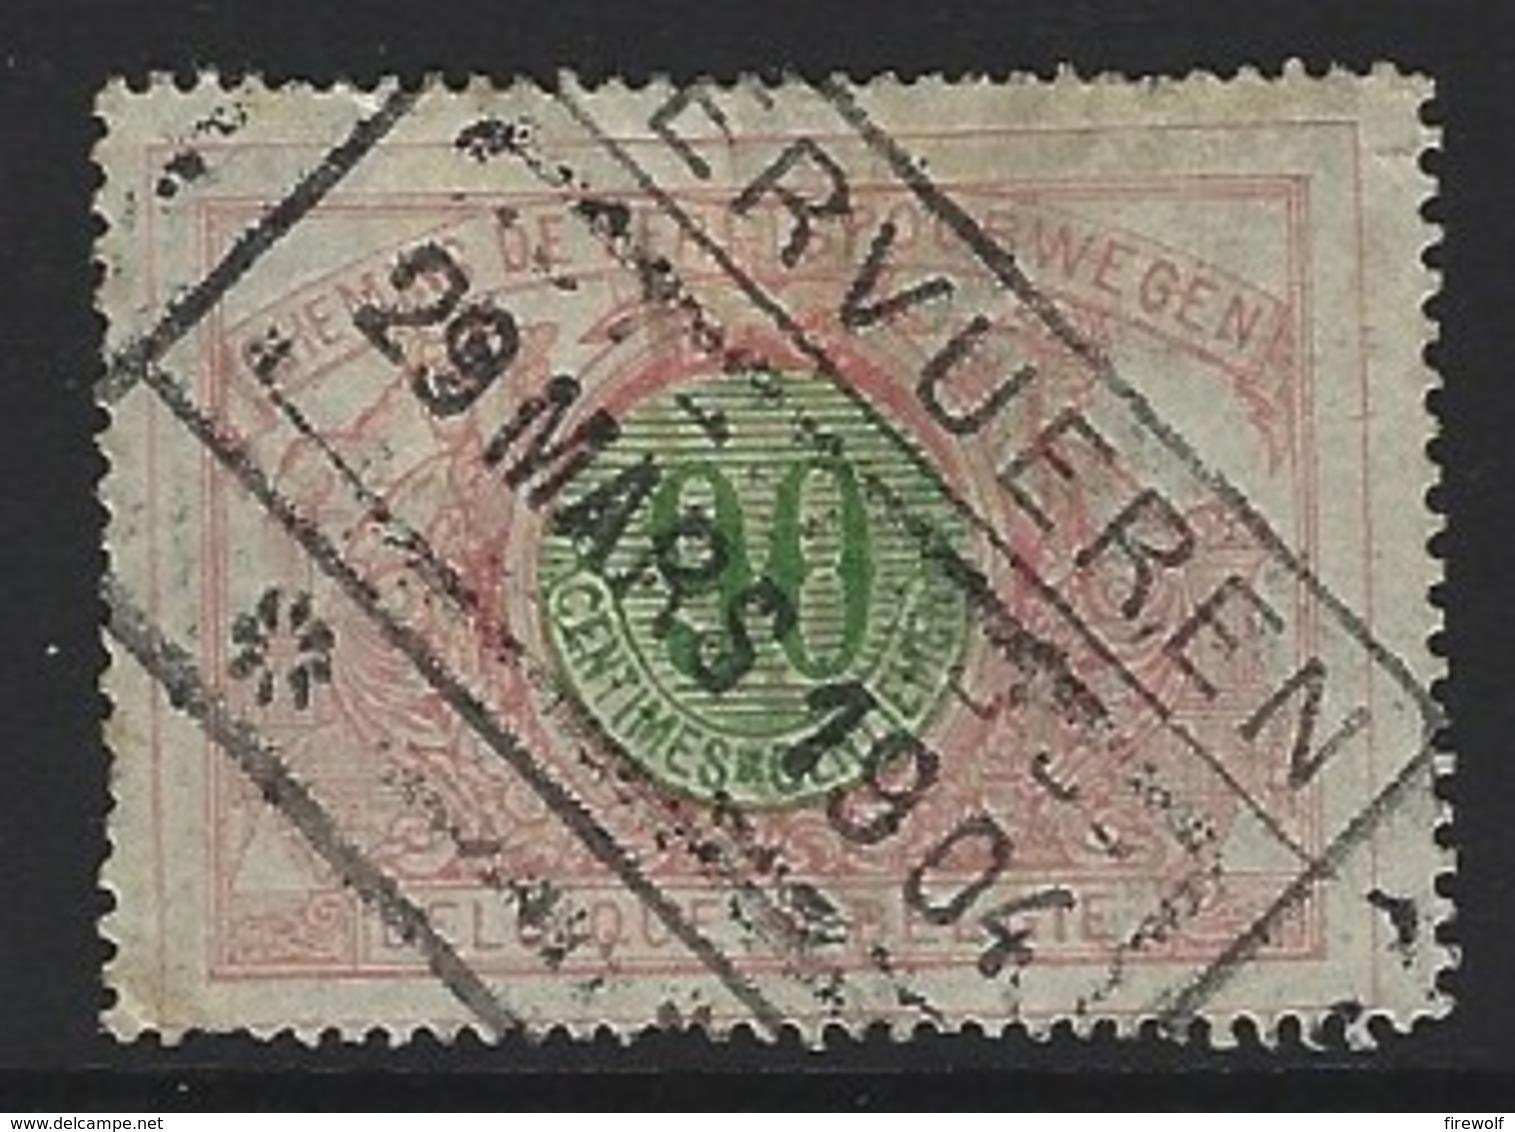 Y70 - Belgium - Railway Parcel Stamps - Used - Tervuren - Ohne Zuordnung